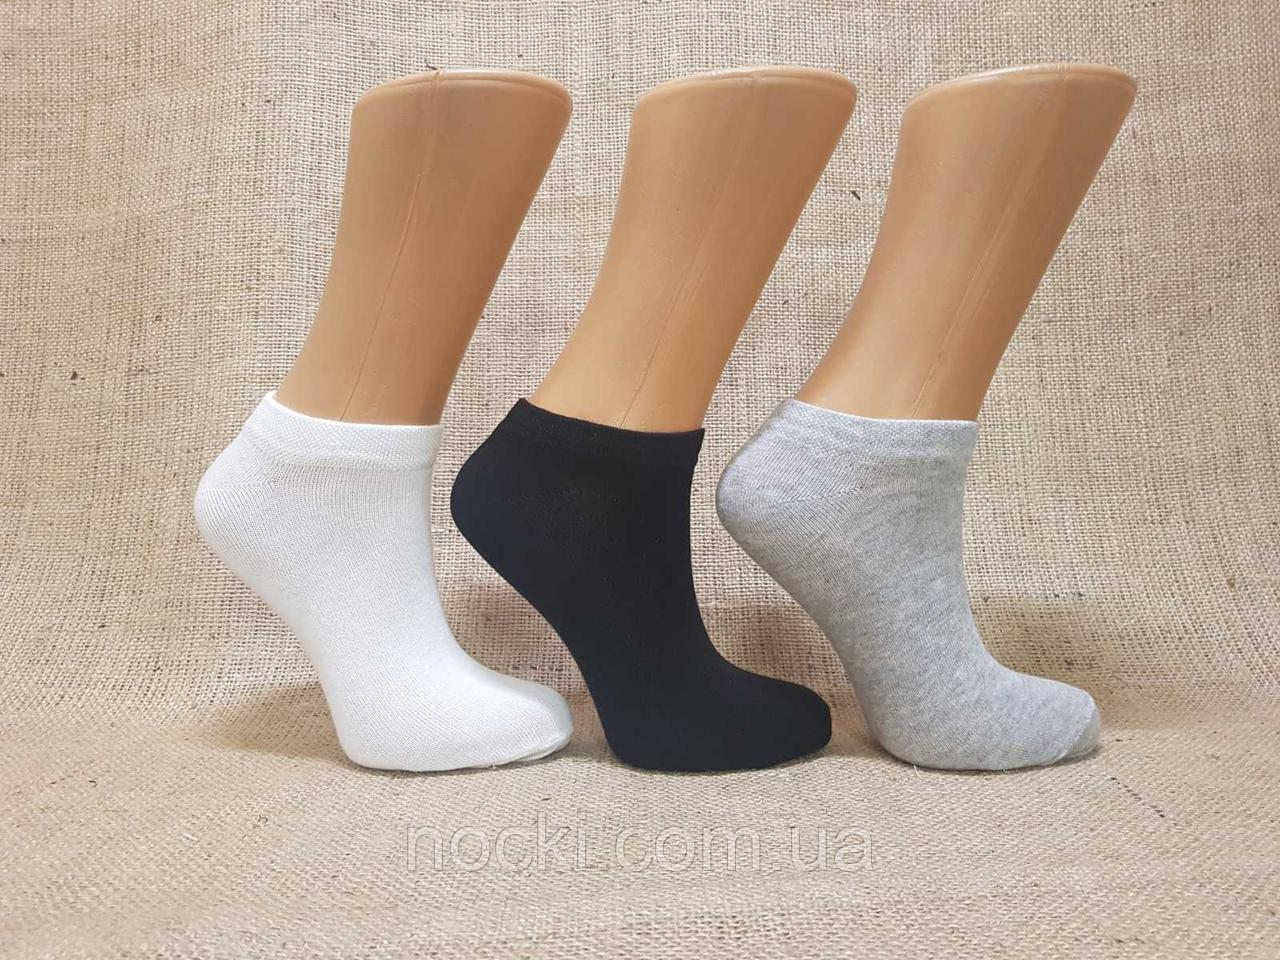 Жіночі короткі шкарпетки з бавовни класика SL КЛ 36-40 асорті білий,сірий меланж,чорний